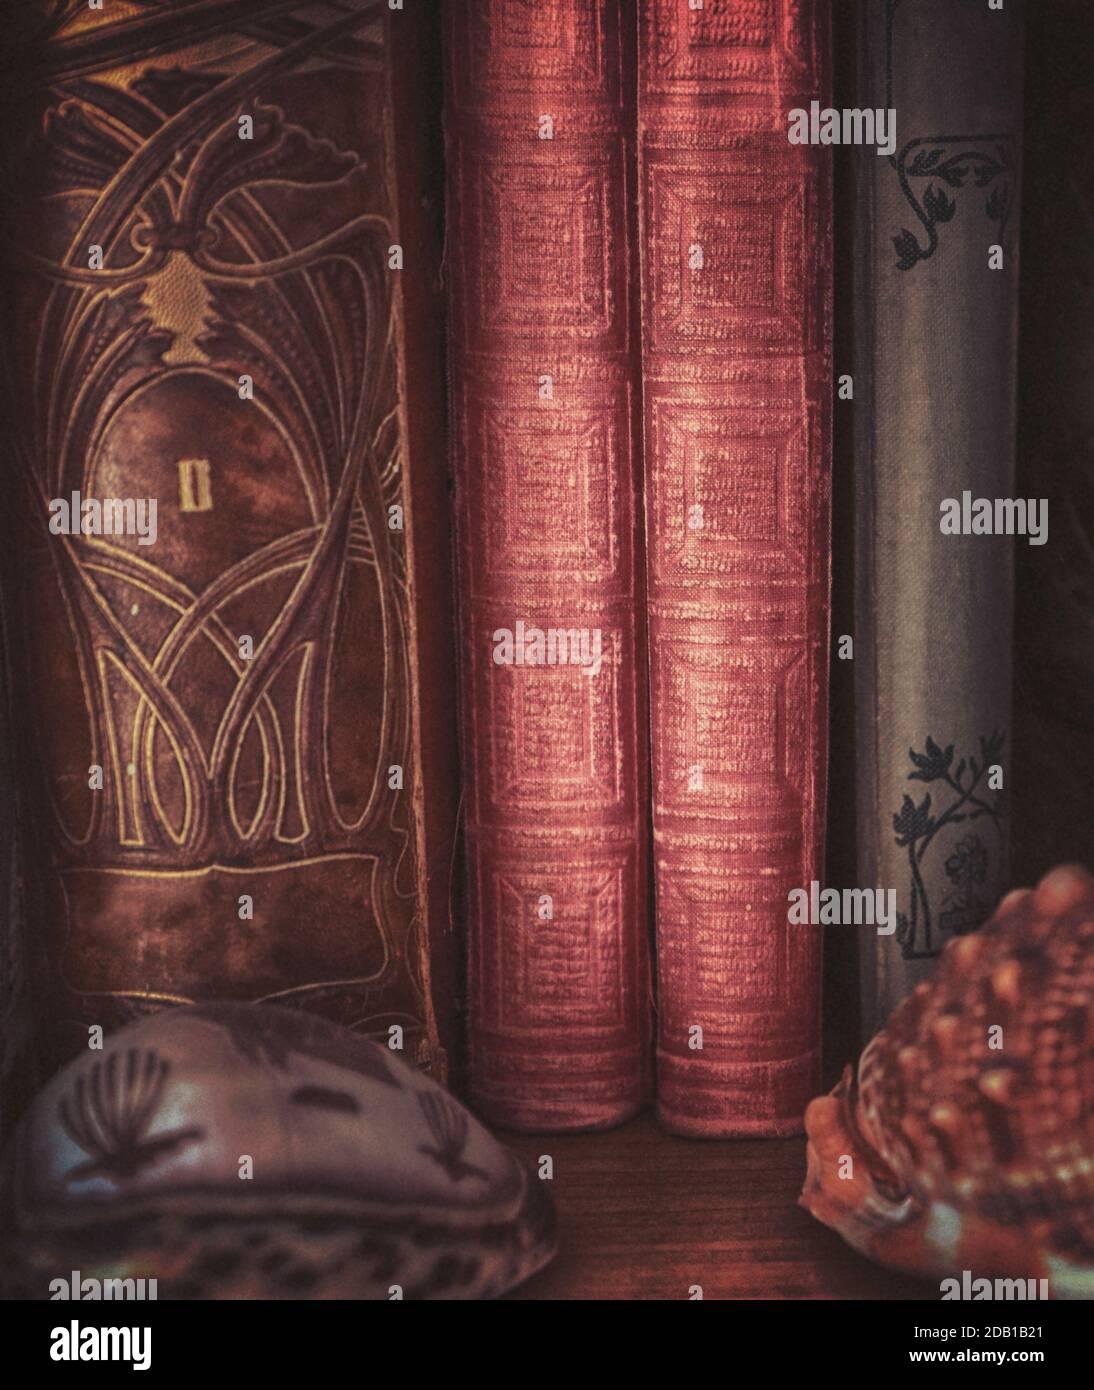 Encore la vie : des livres anciens sur une étagère et des coquilles décoratives Banque D'Images